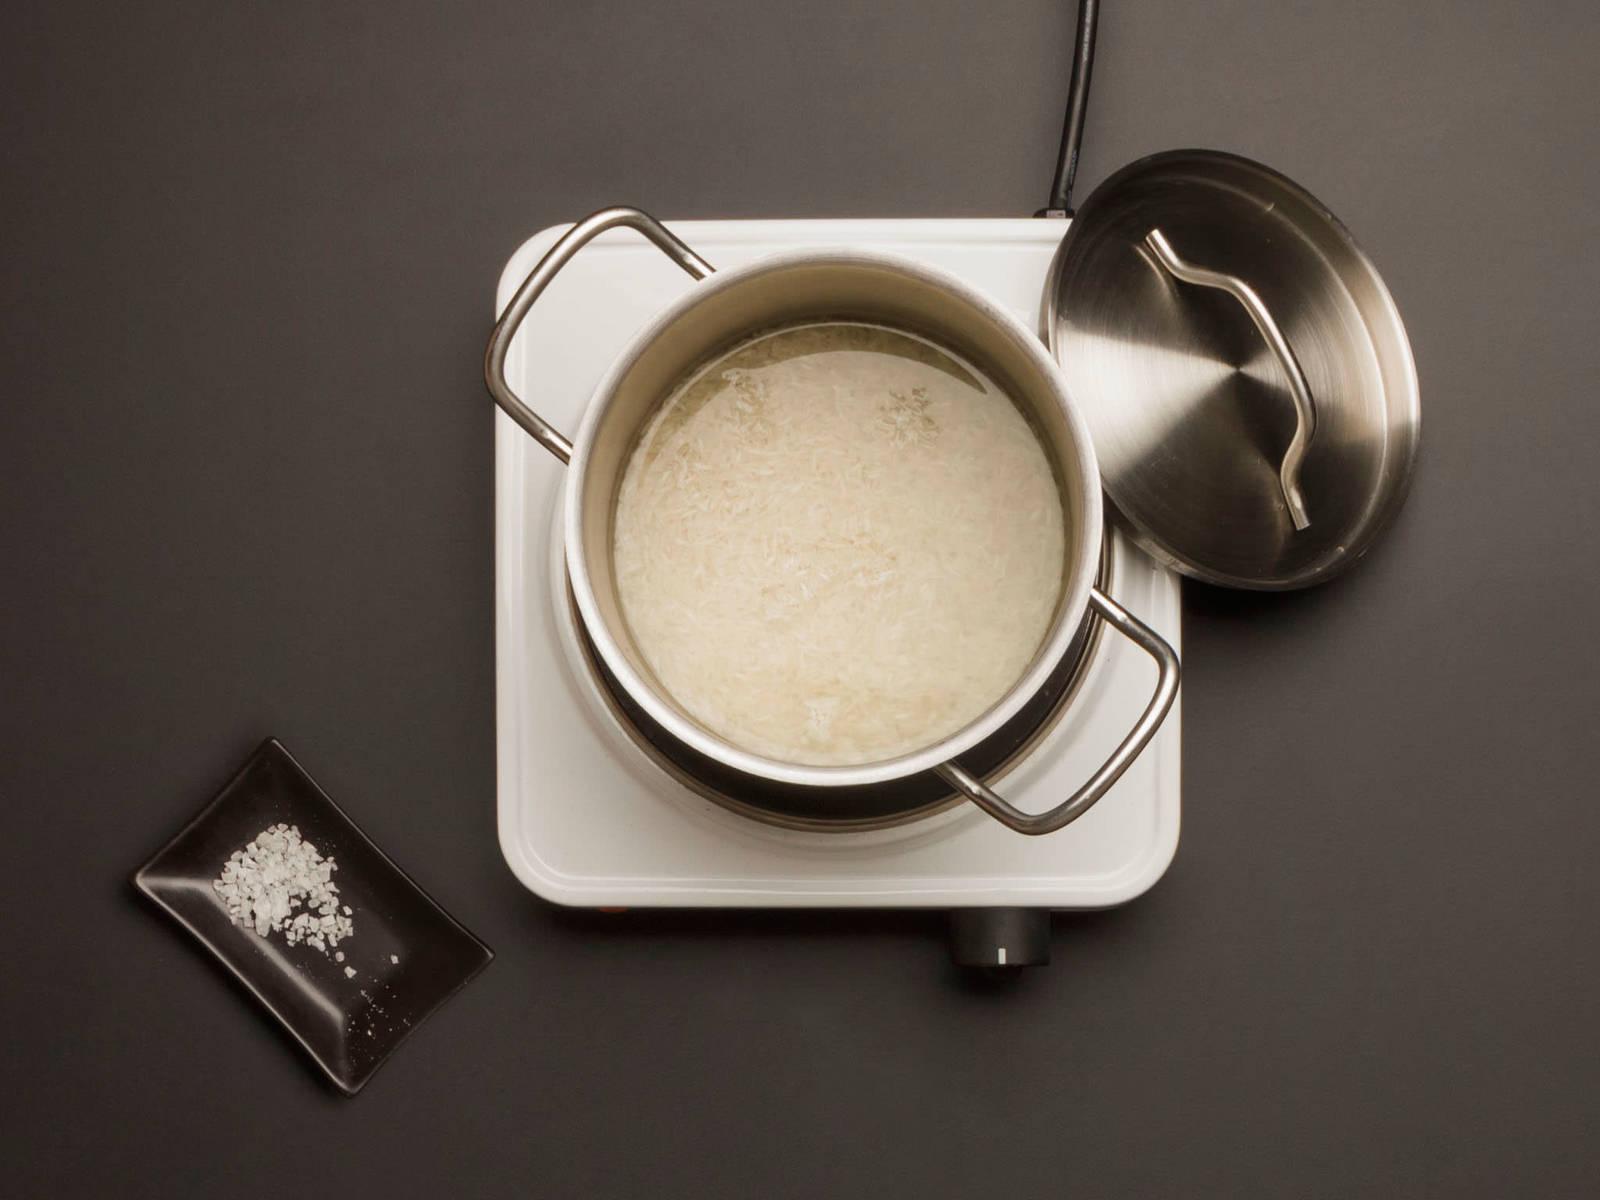 Reis, Wasser und Salz in einen weiteren großen Topf geben. Aufkochen, abdecken, Wärmezufuhr reduzieren und ca. 12 – 14 Min. köcheln lassen, bis der Reis gar und das Wasser verdampft ist.